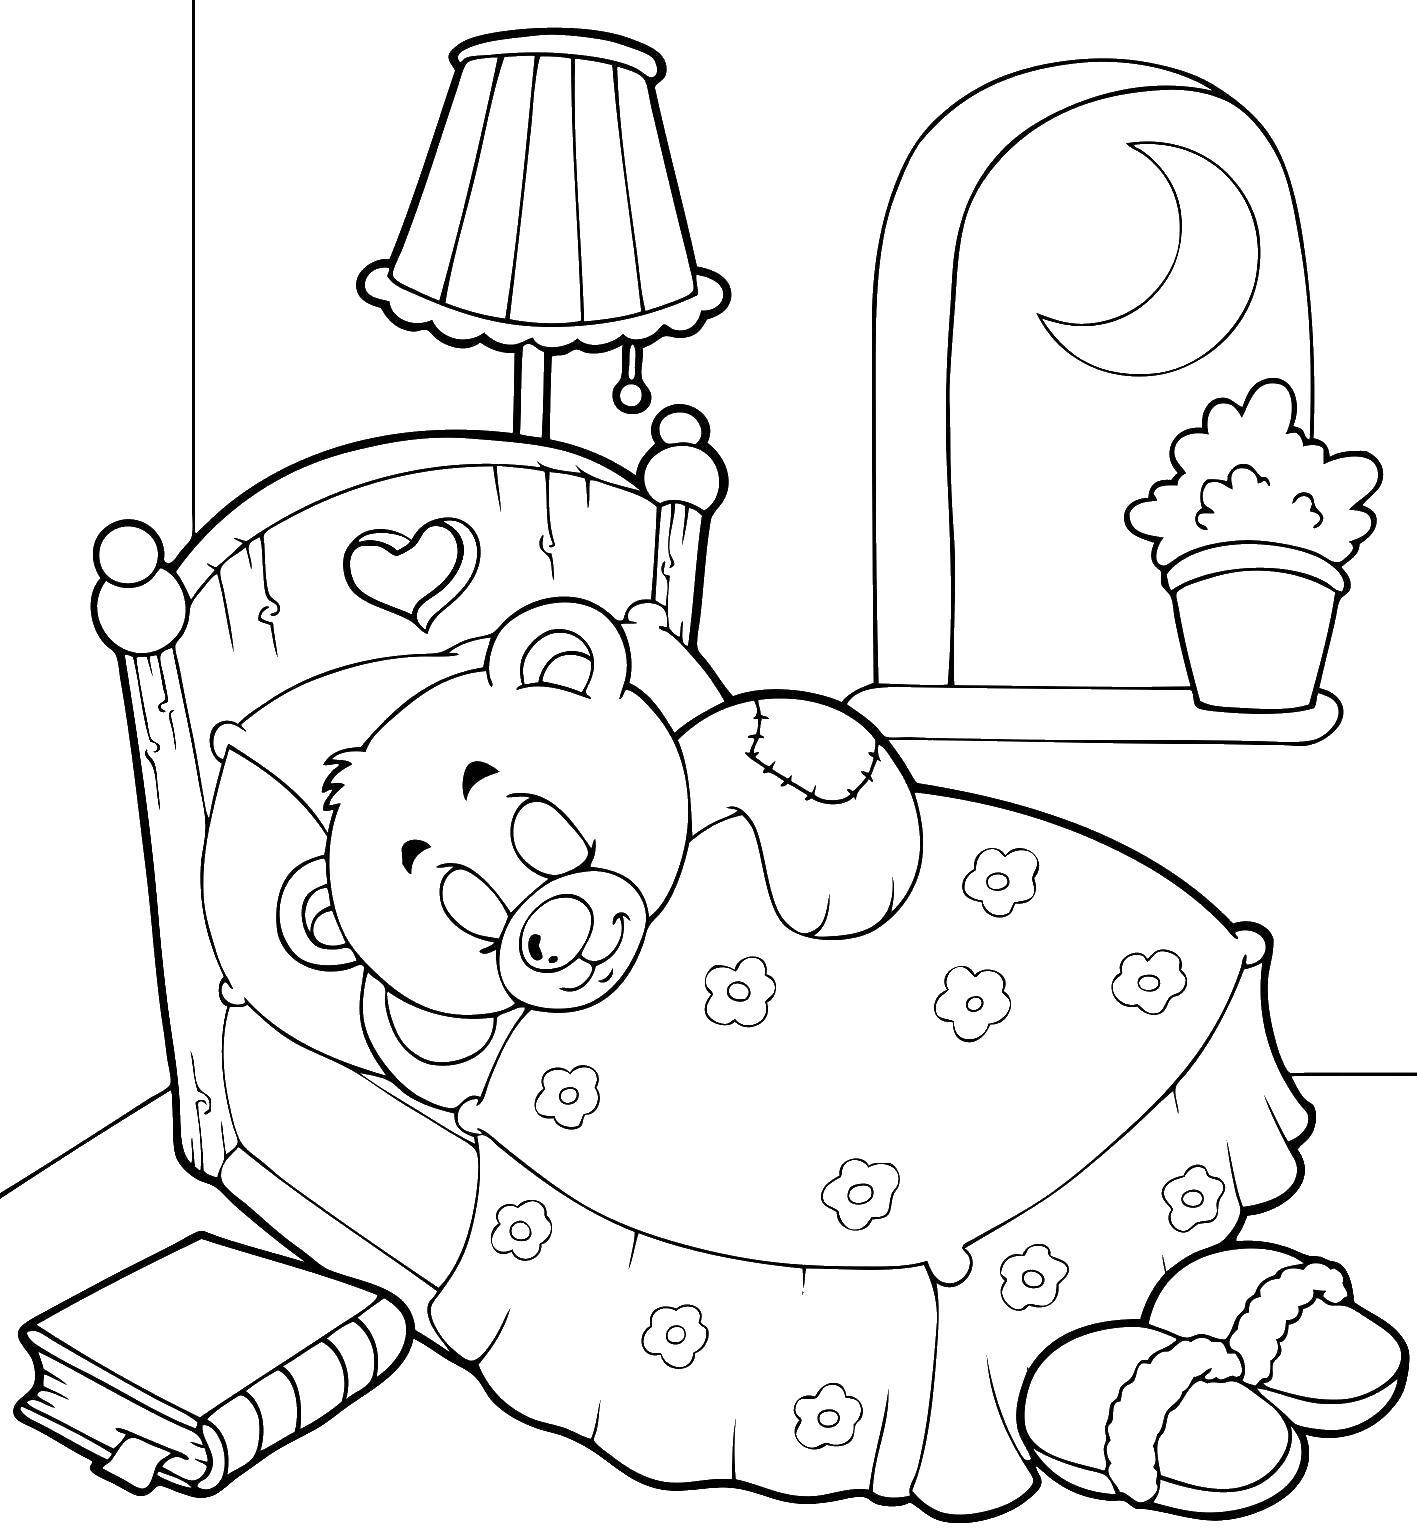 Картинки спящего мишки для детей на печать маленькие